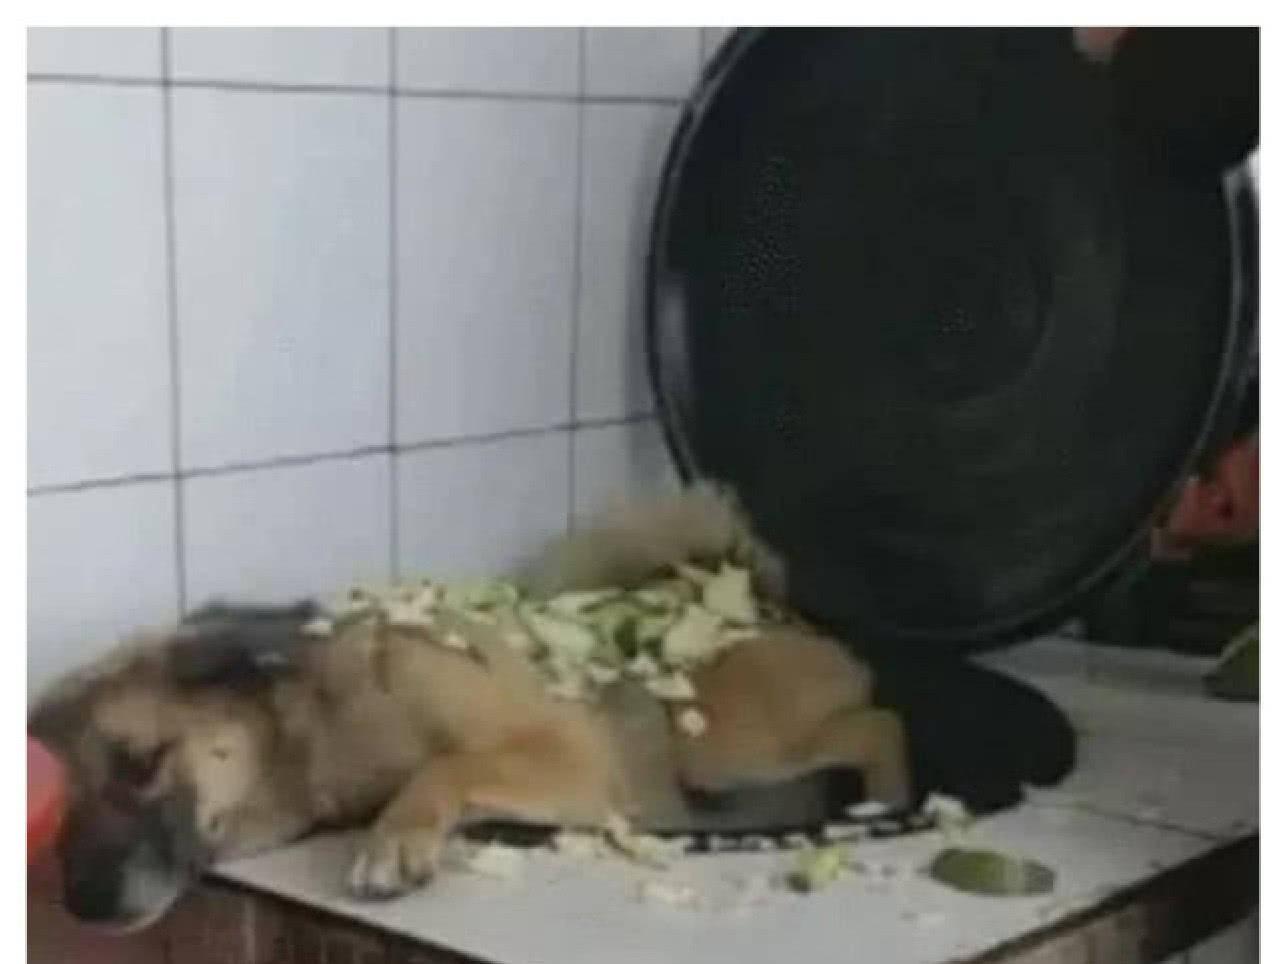 做饭到一半,狗狗竟主动跳进锅里,主人气的想炖狗肉:是要加餐?